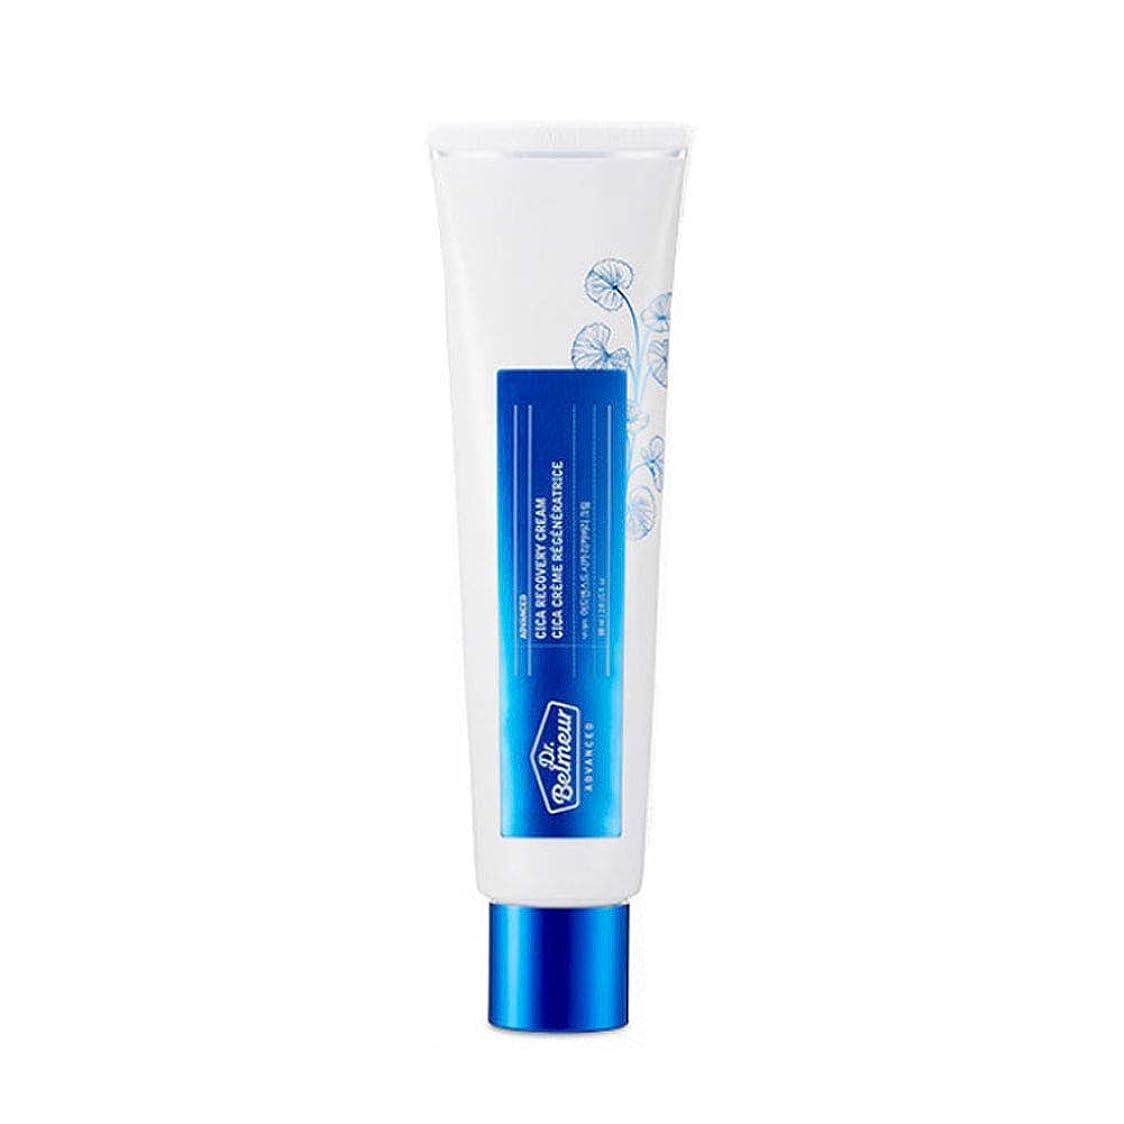 取るヘルシー信頼ザ?フェイスショップドクターベルモアドバンスドシカリカバリークリーム60ml 韓国コスメ、The Face Shop Dr.Belmeur Advanced Cica Recovery Cream 60ml Korean Cosmetics [並行輸入品]